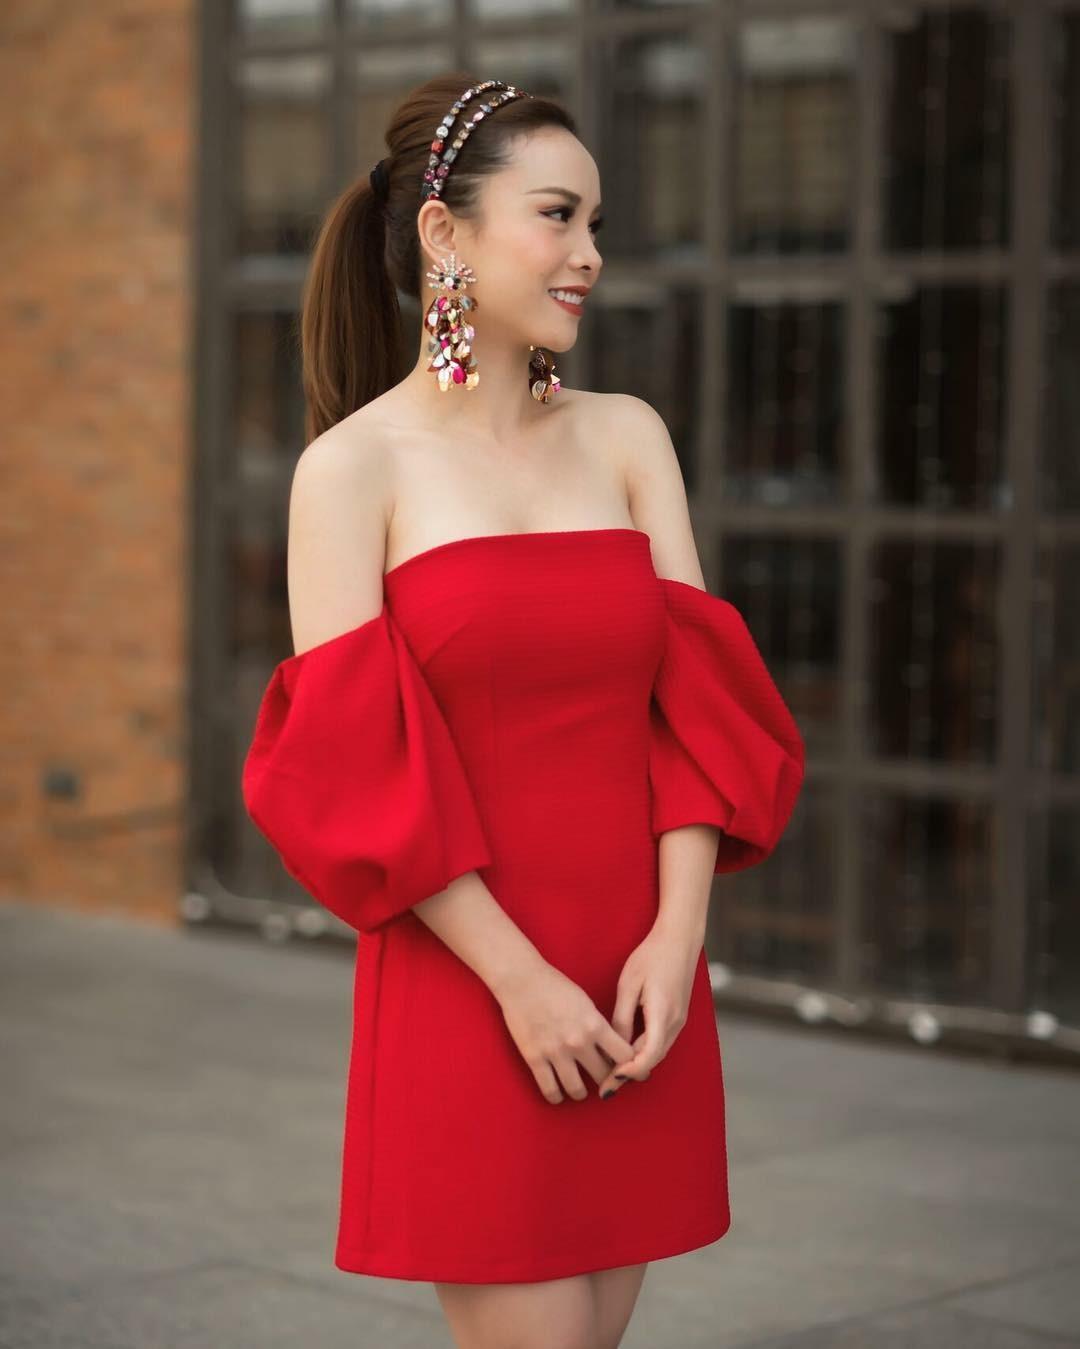 Các mẫu áo váy đẹp tôn chiều cao hữu hiệu cho người lùn - Ảnh 6